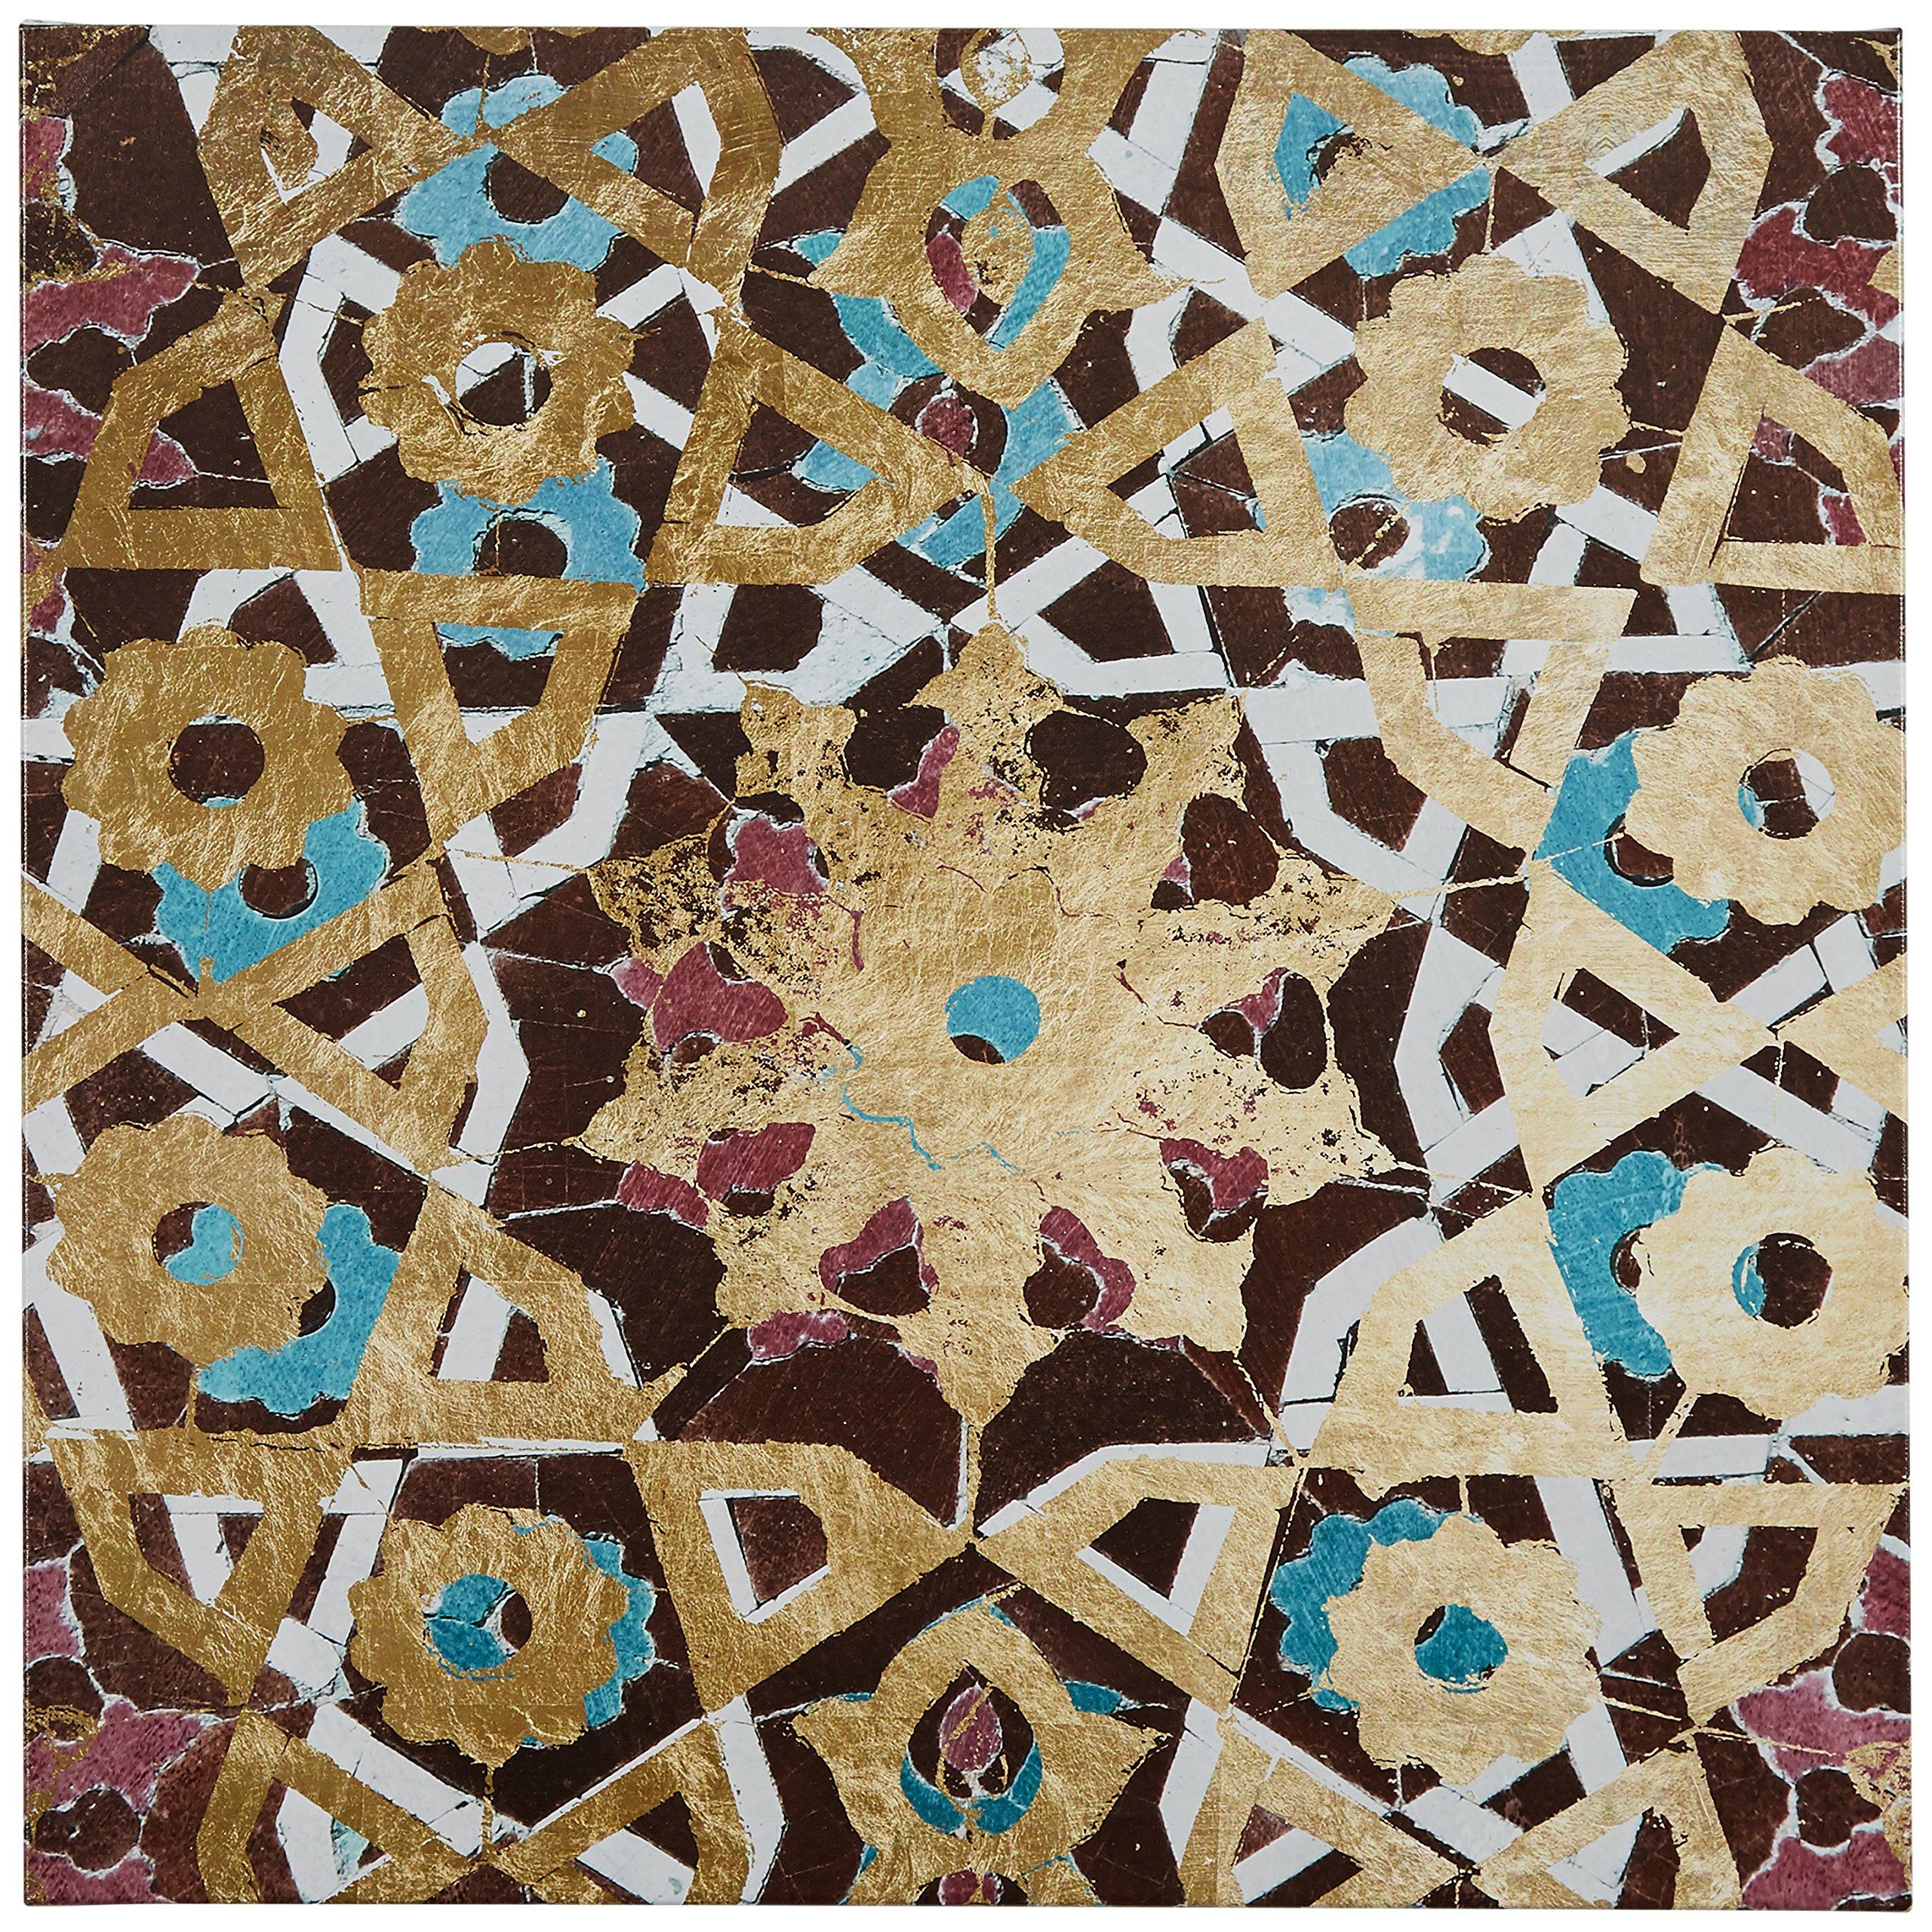 Metallic Bronze Mosaic Tile Print, 24'' x 24'' by Rivet